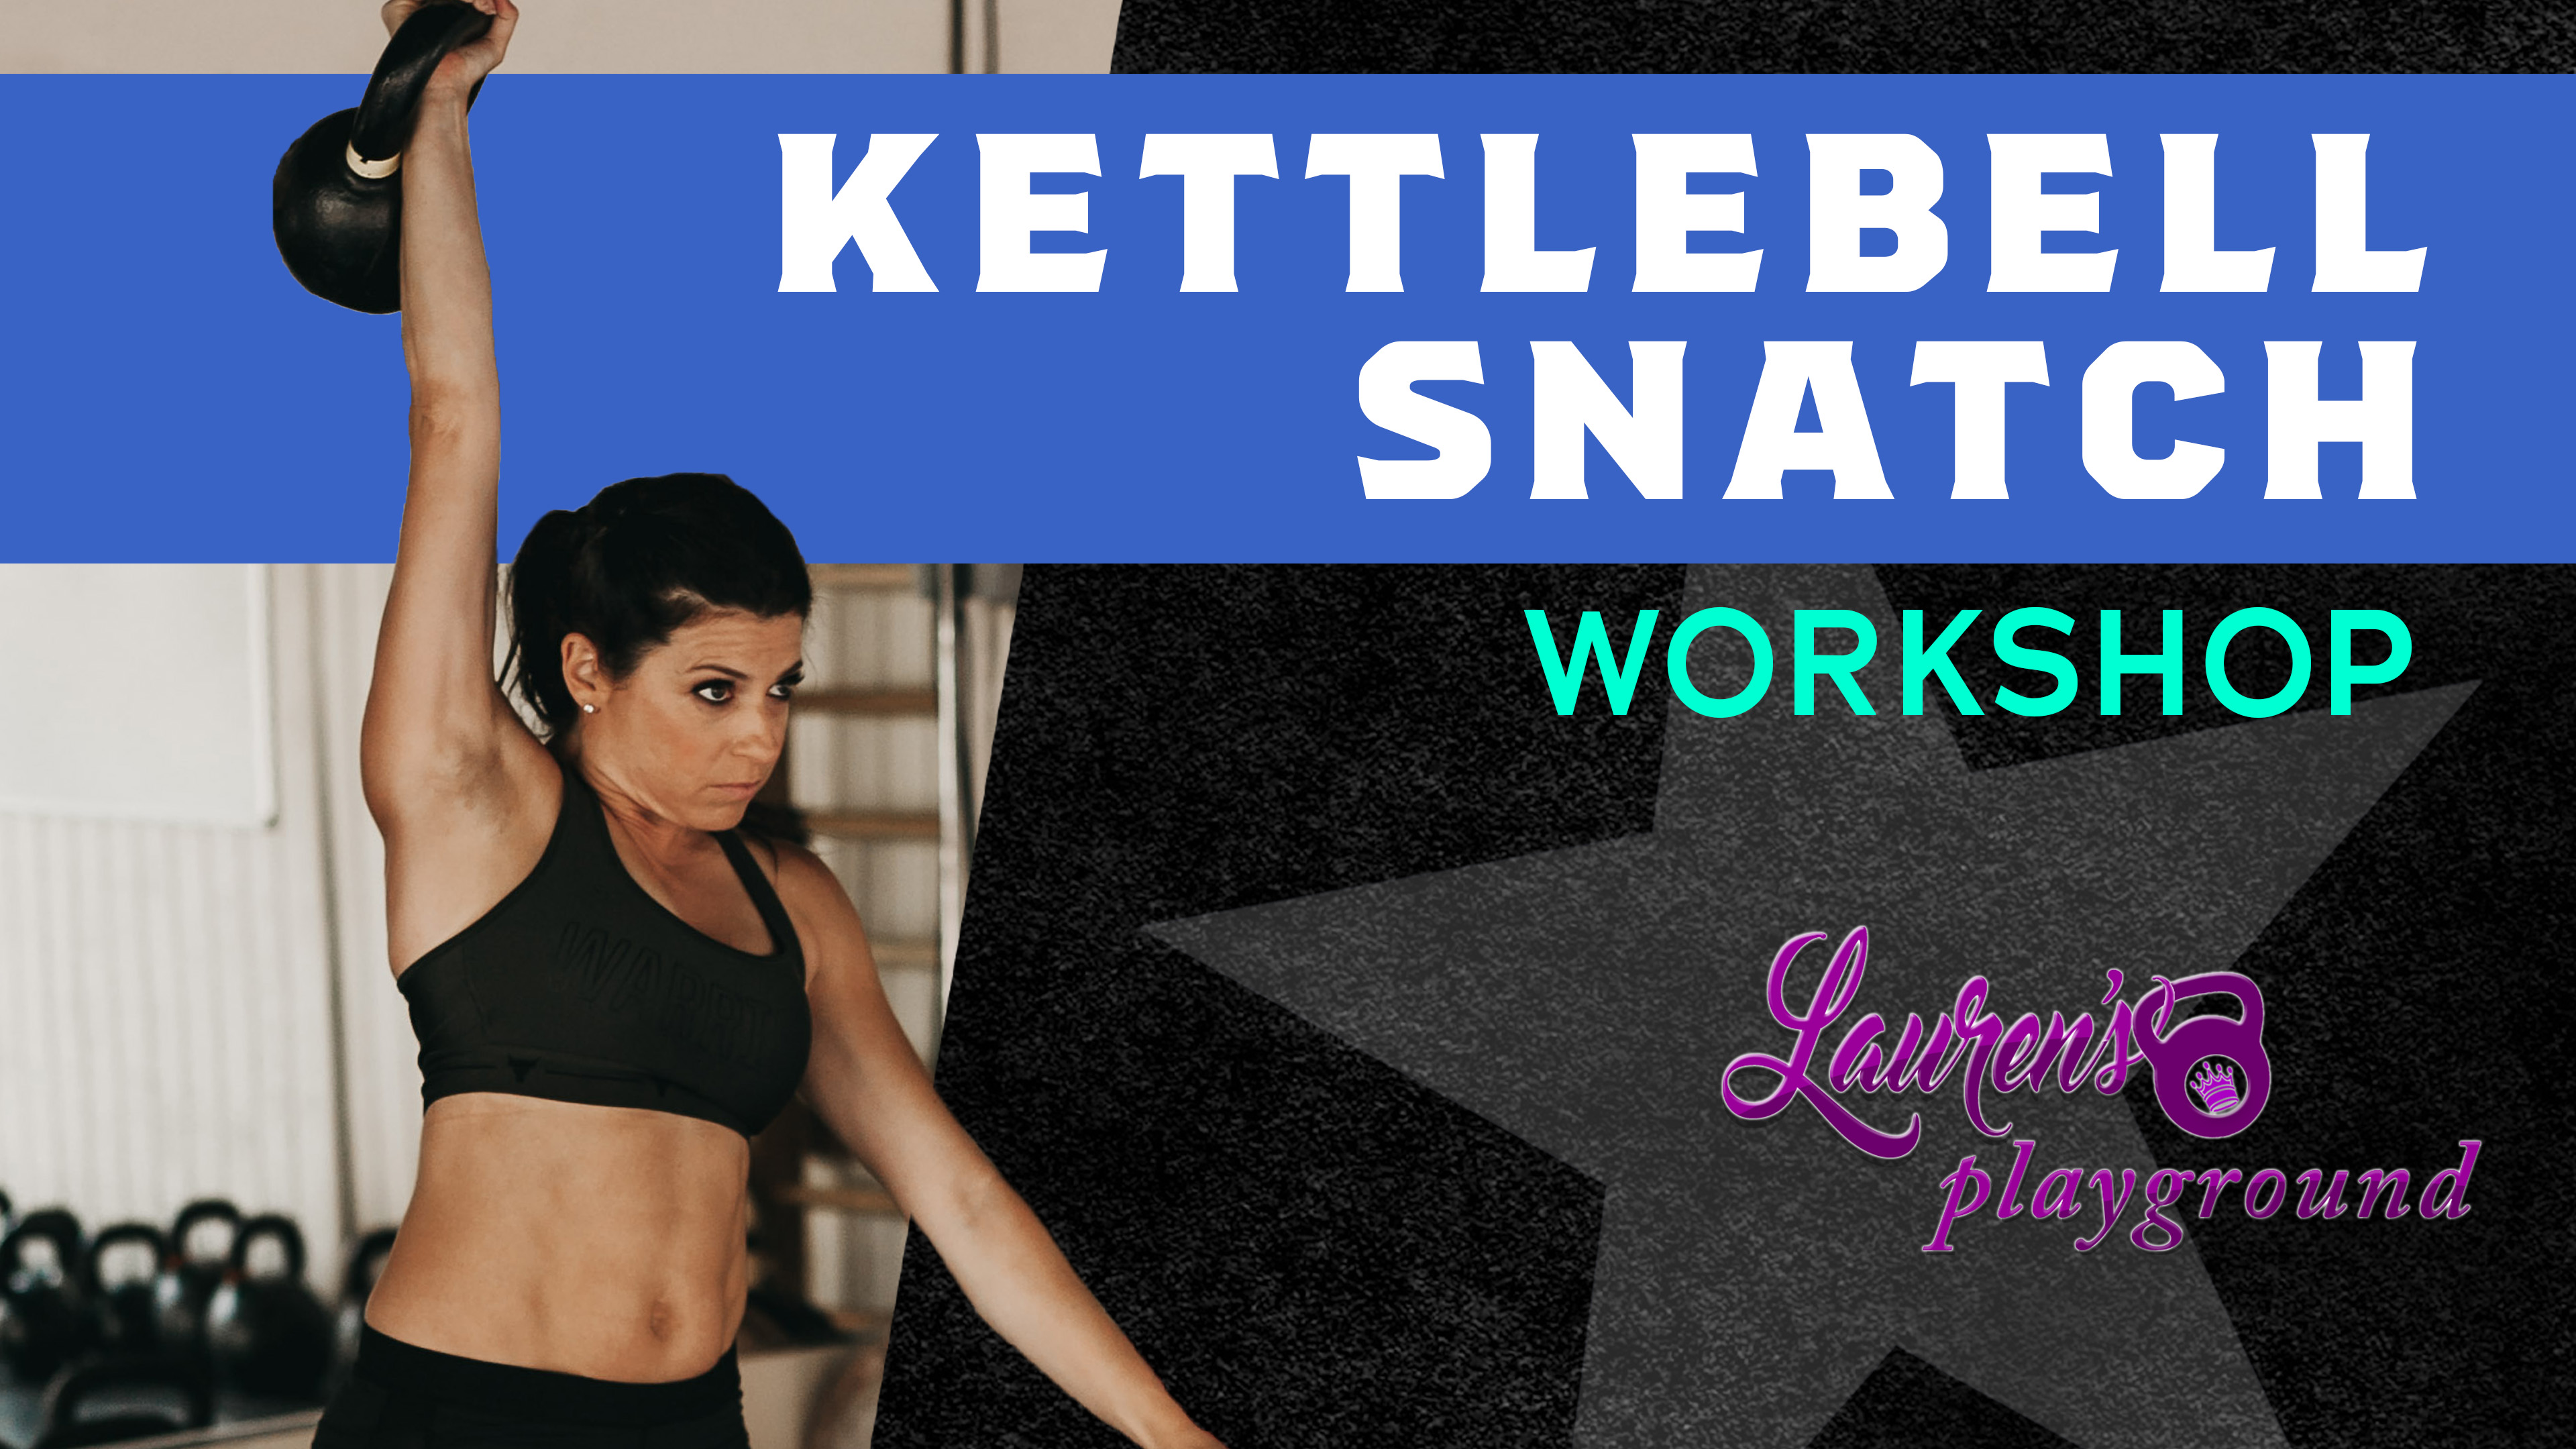 Kettlebell Snatch Workshop